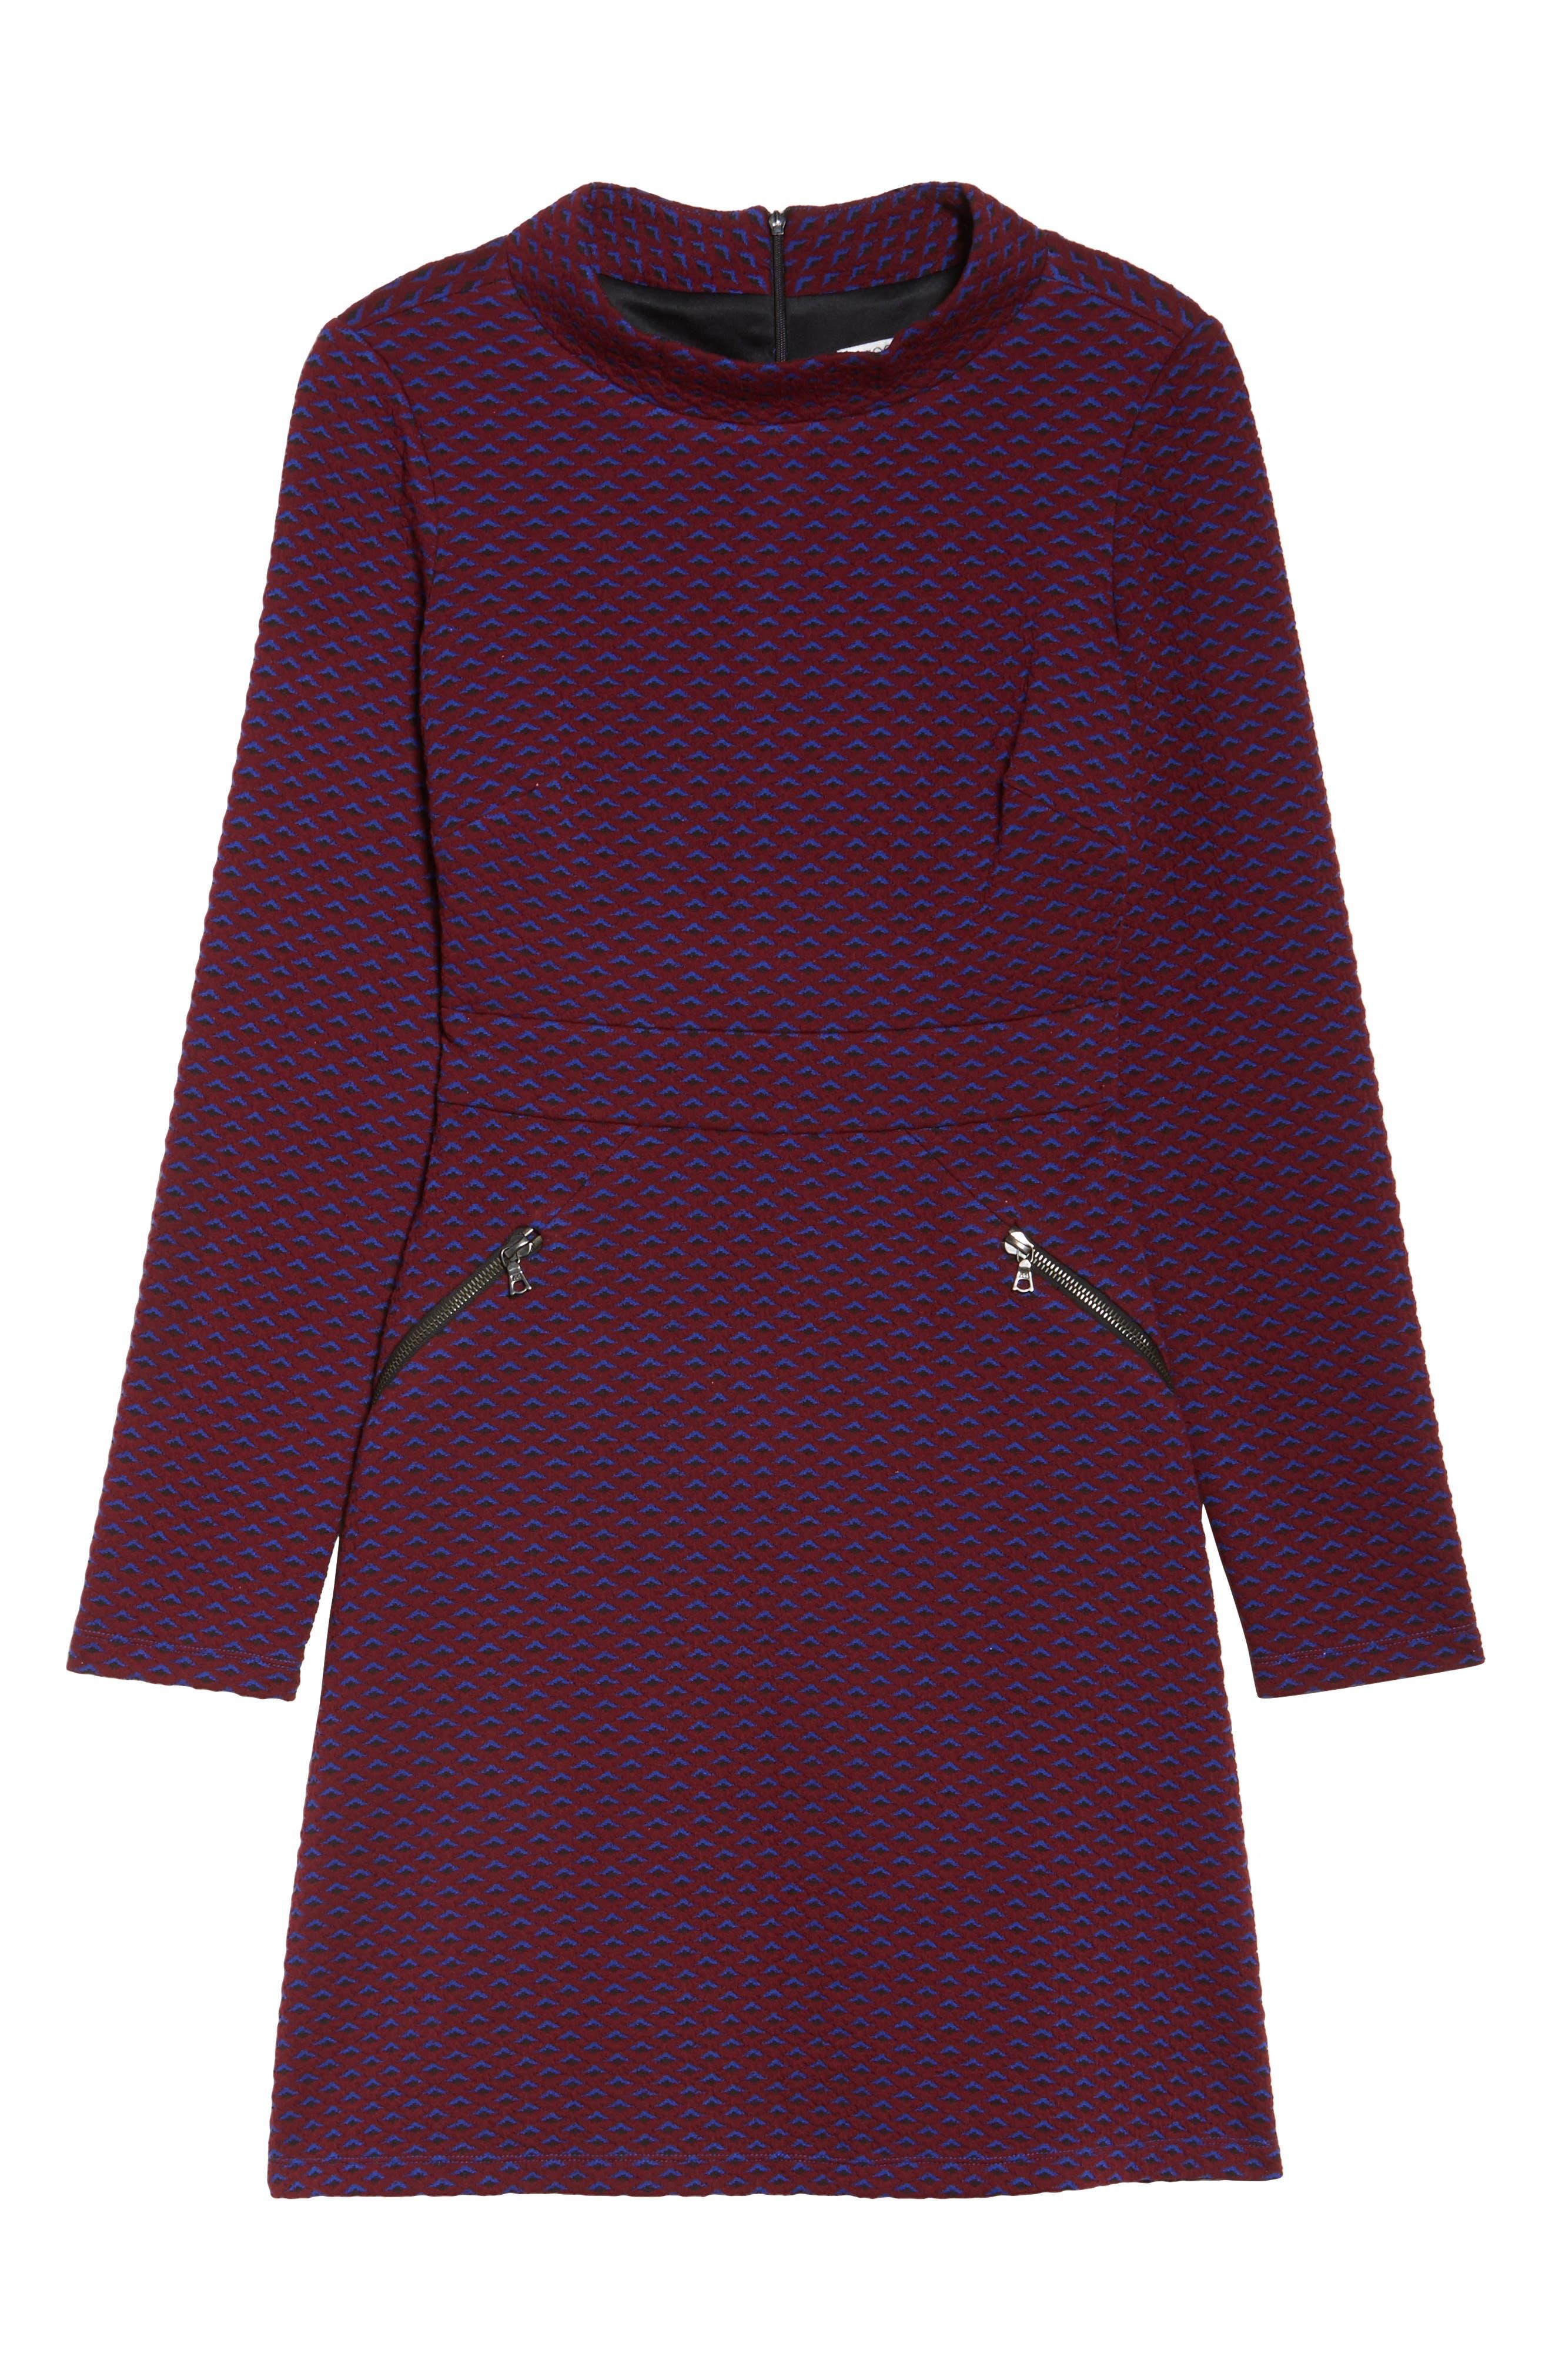 Jacquard Fit & Flare Dress,                             Alternate thumbnail 6, color,                             401